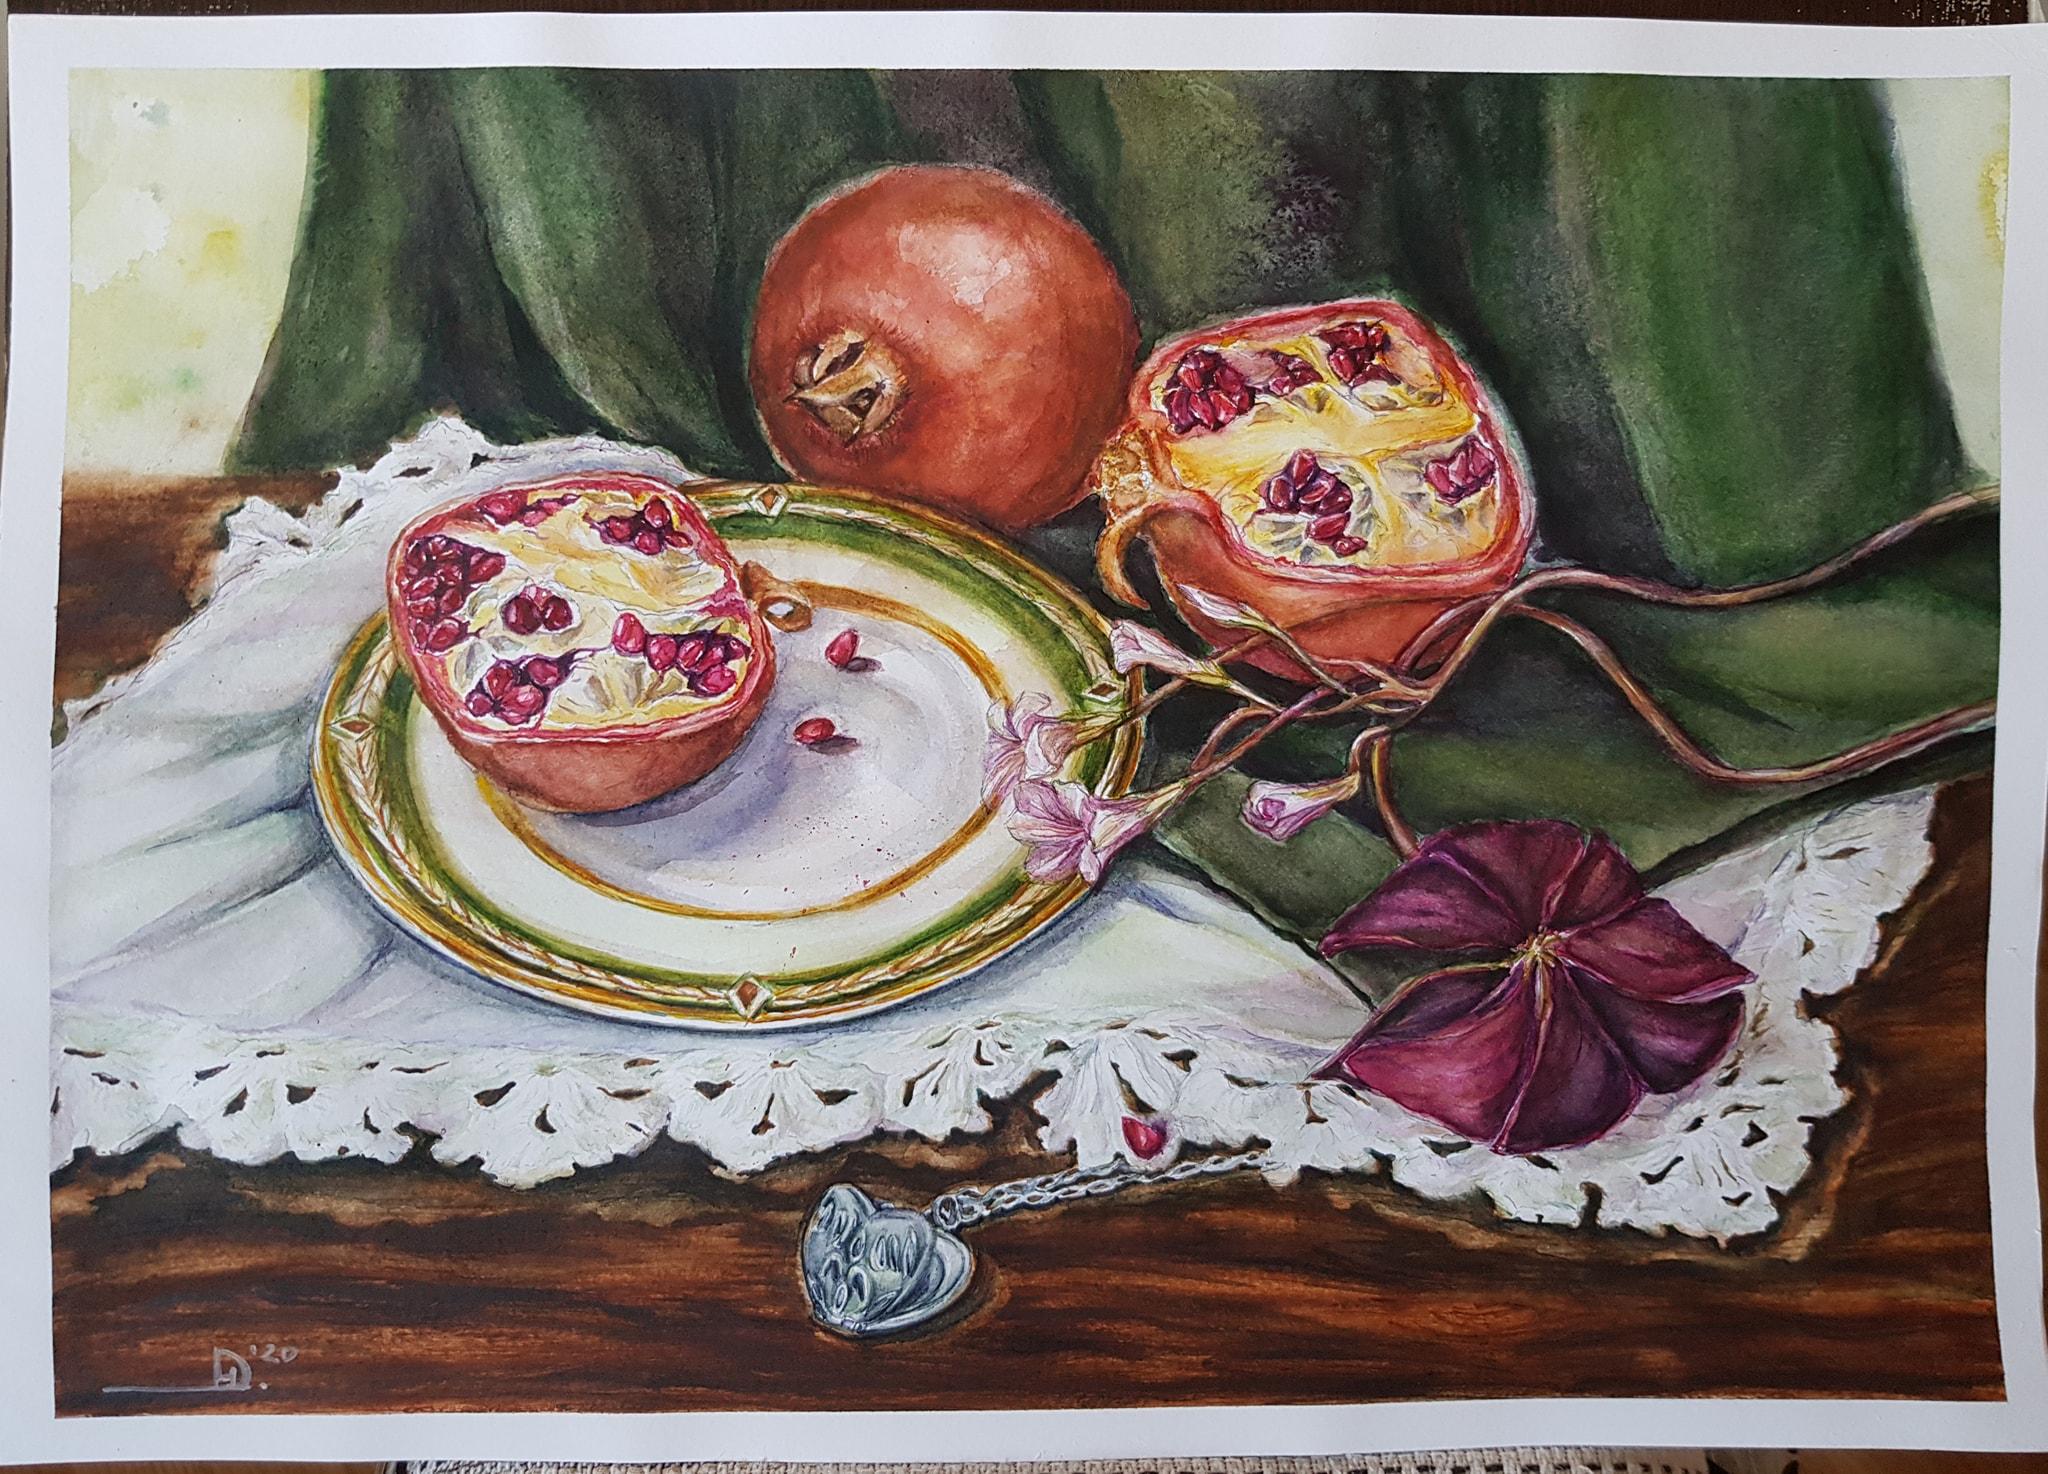 наталия димитрова, как да продаваш сам изкуството си, картини, свободна практика, илюстрации